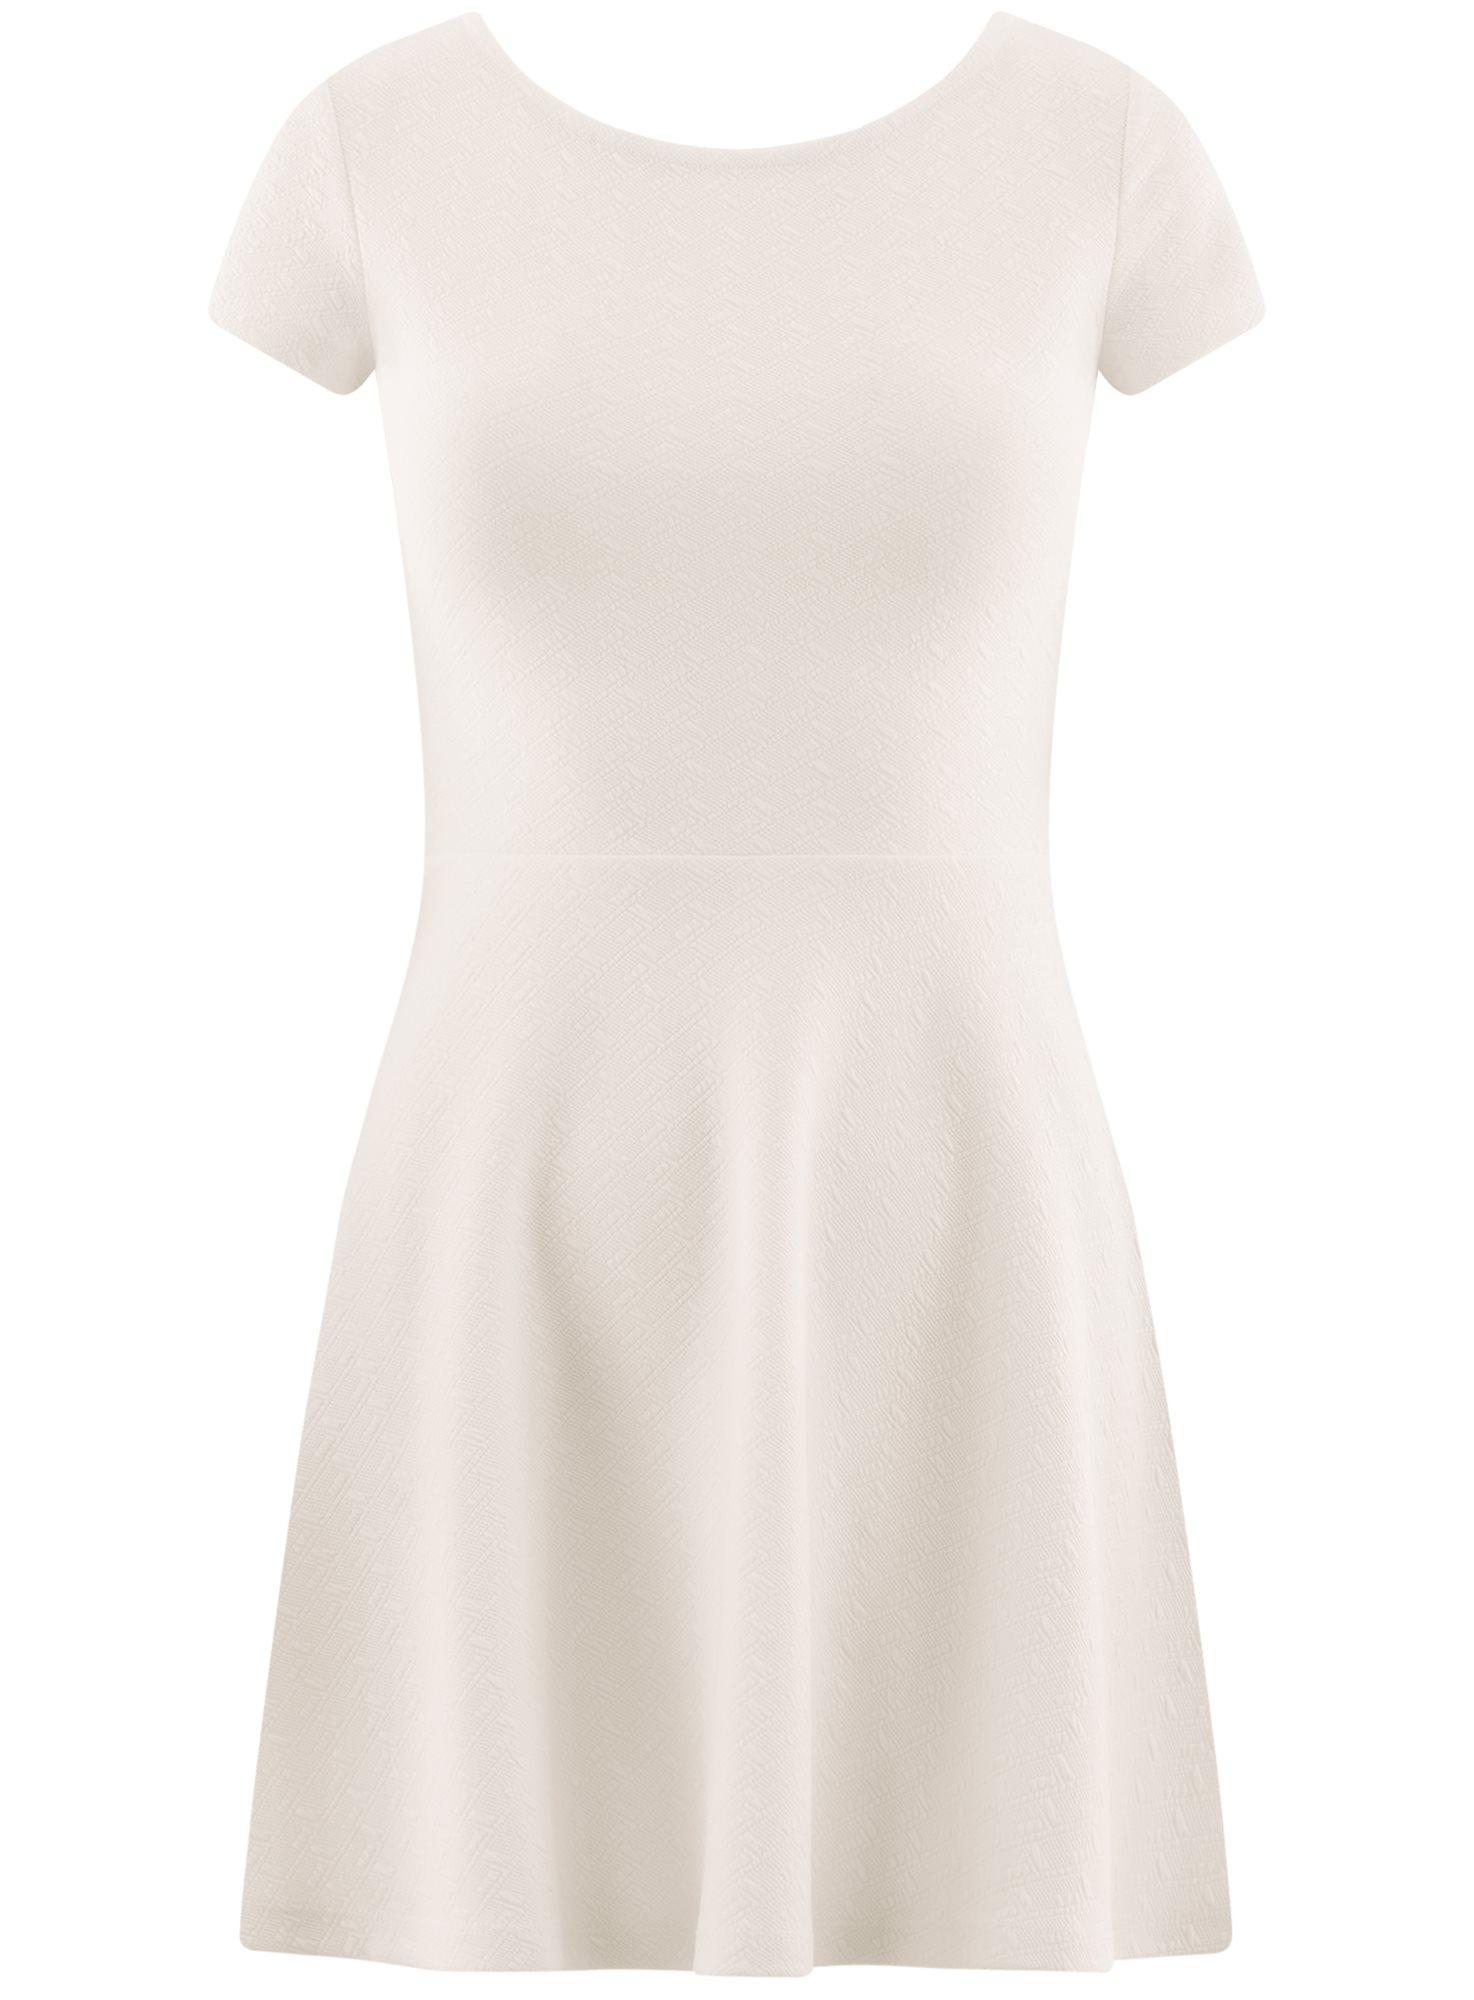 Платье приталенное с V-образным вырезом на спине oodji для женщины (белый), 14011034B/42588/1200N